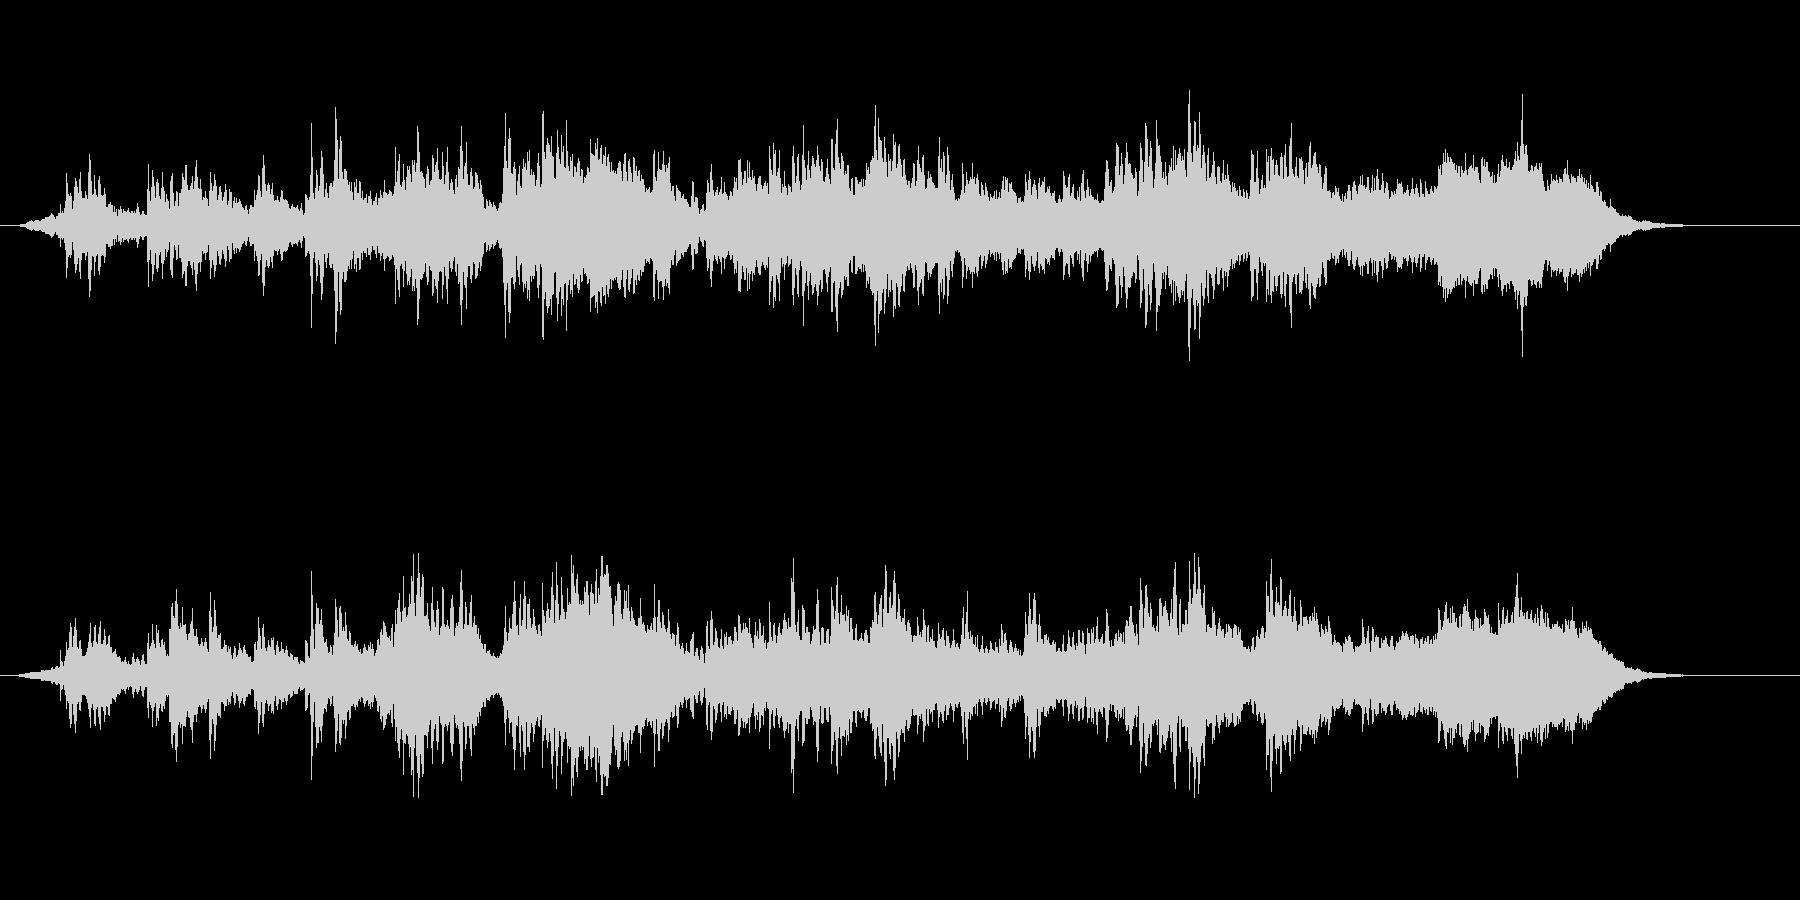 環境音楽(サイエンス・タッチ)の未再生の波形